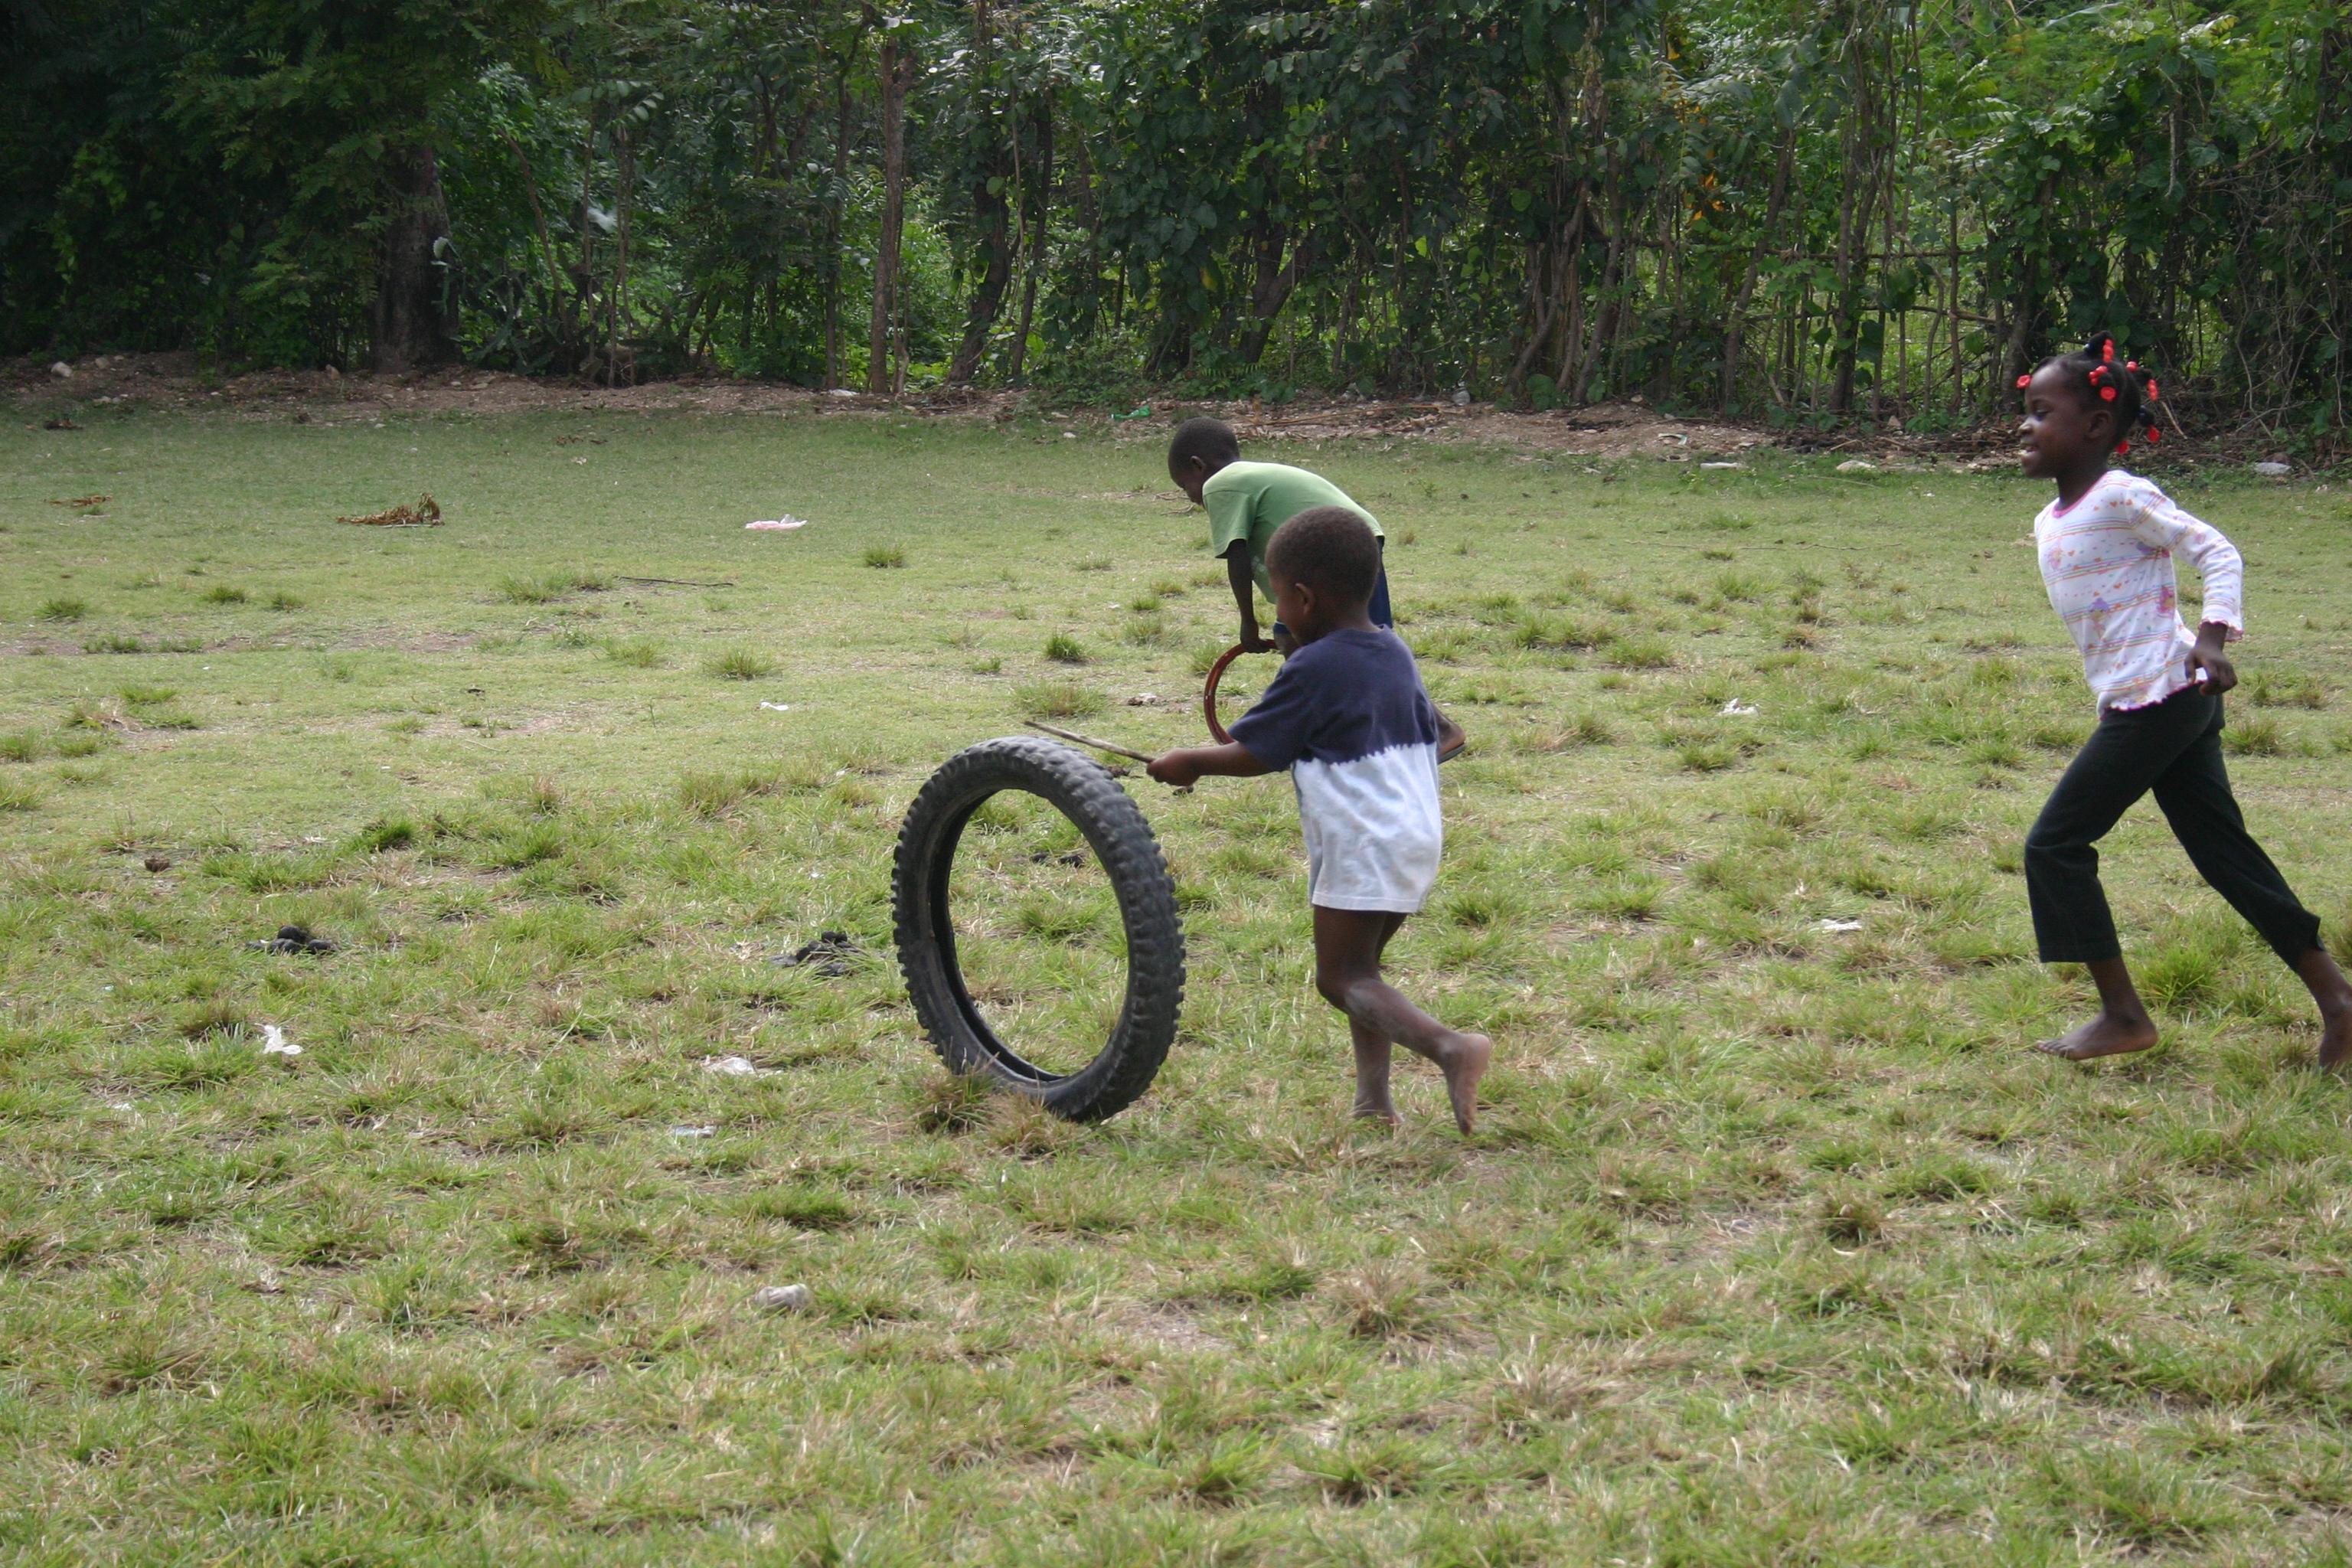 Haiti 02 01 2012 033.jpg